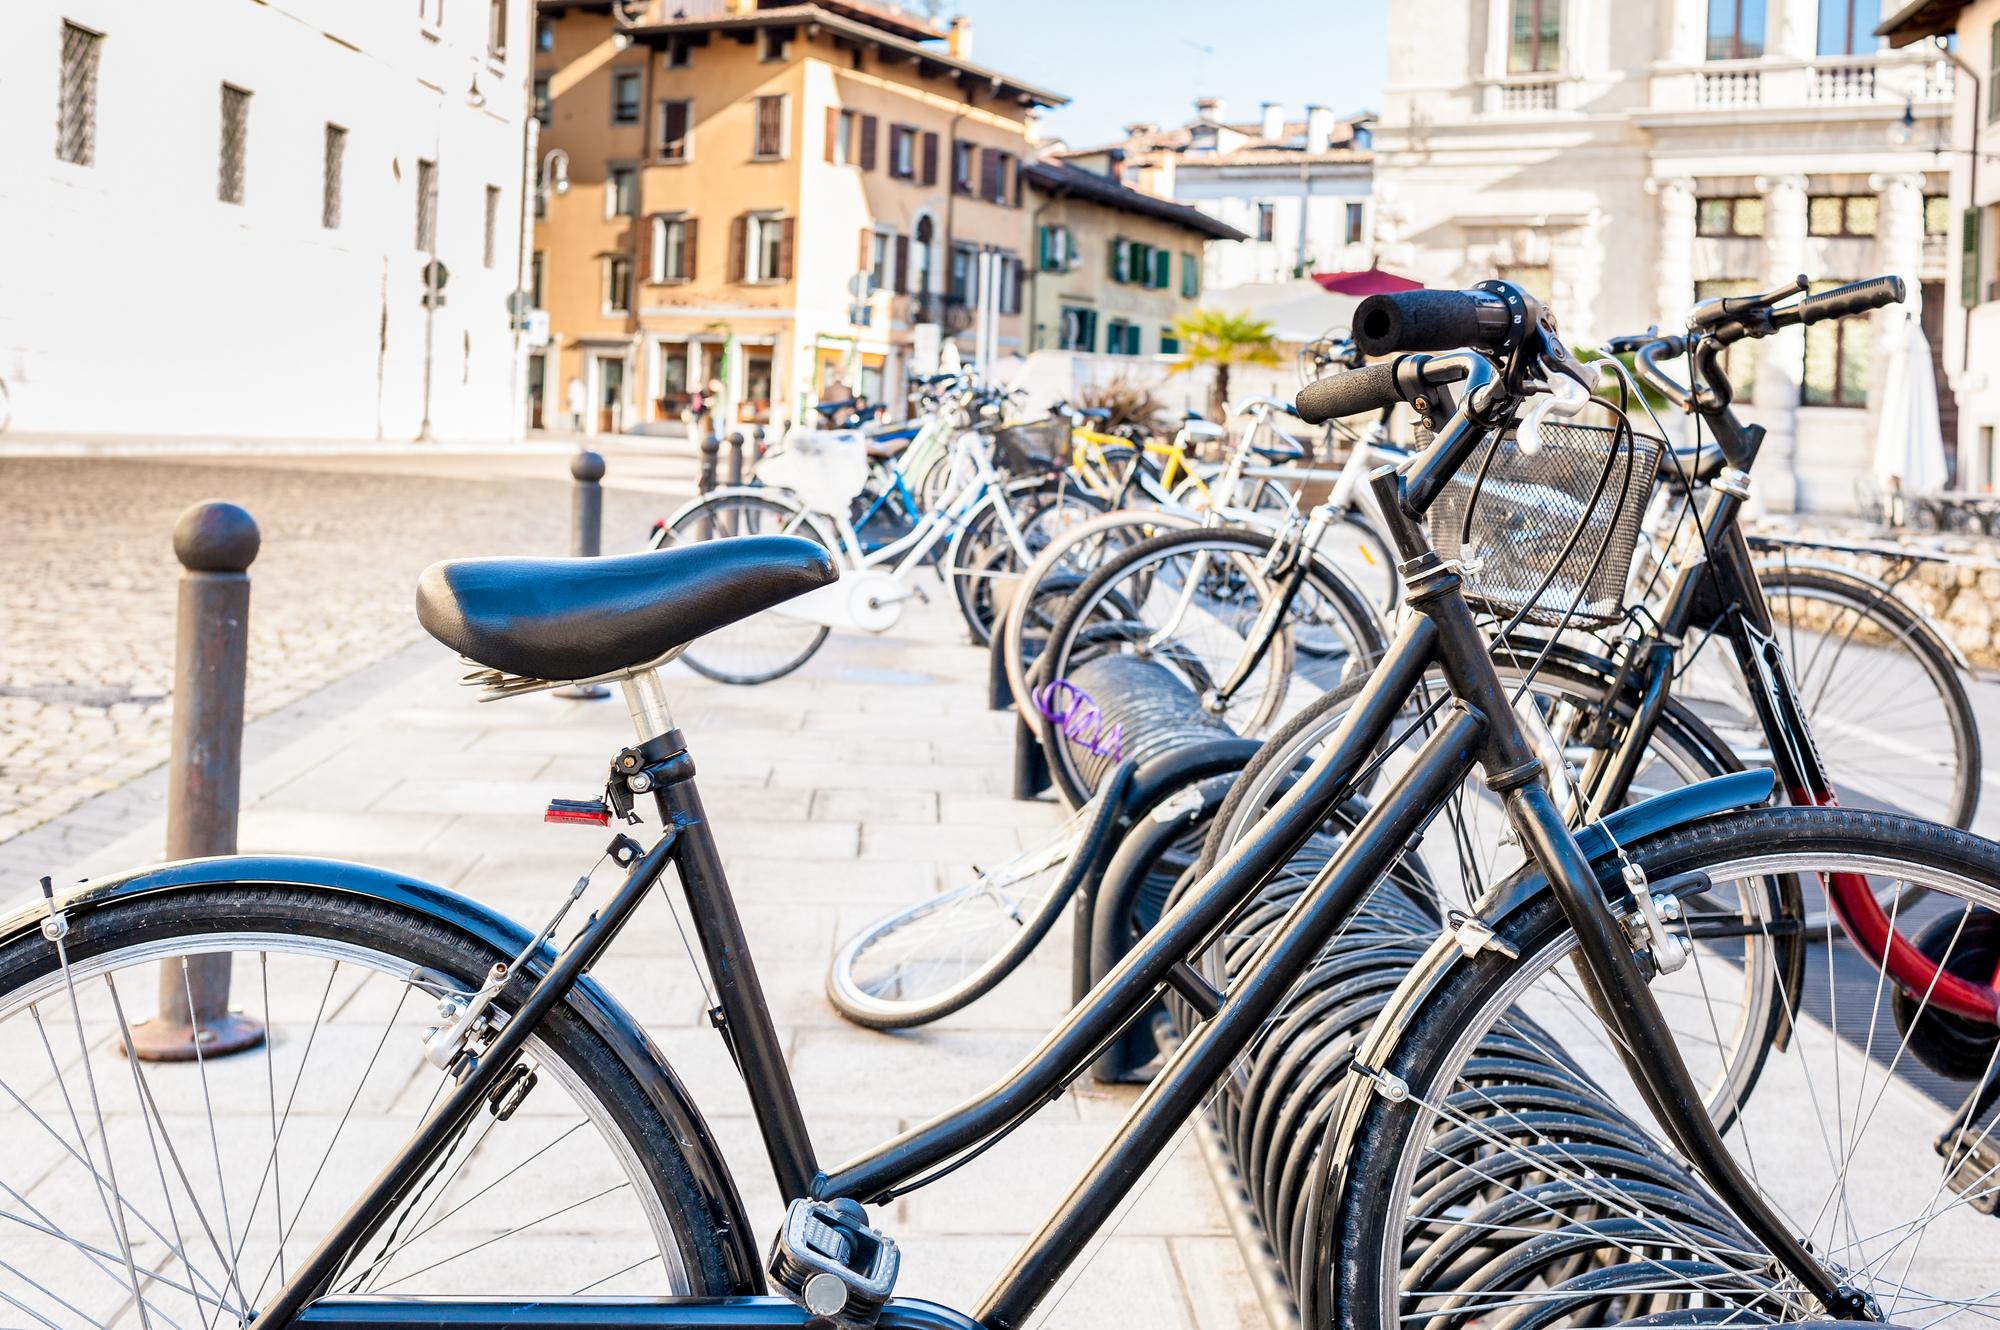 環境に優しく観光促進。自転車(サイクル)シェアリングの市場動向まとめ